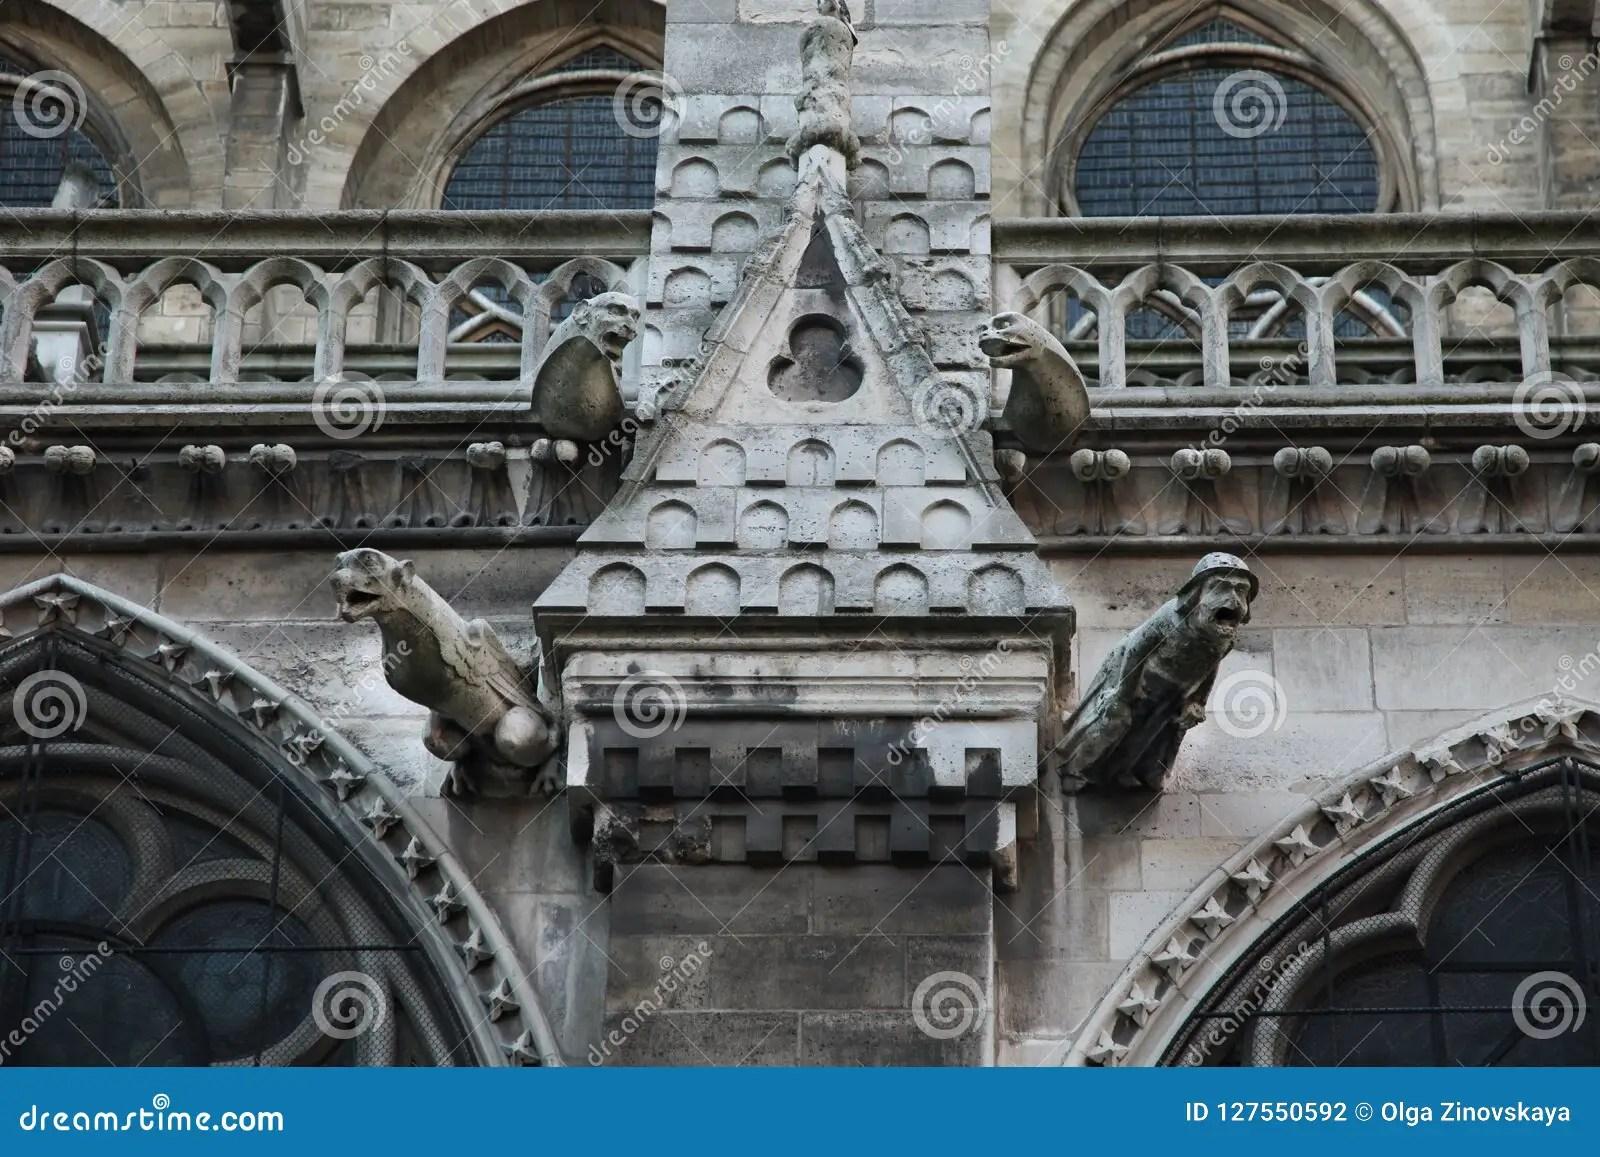 Decoration Notre Exterior Dame Paris De